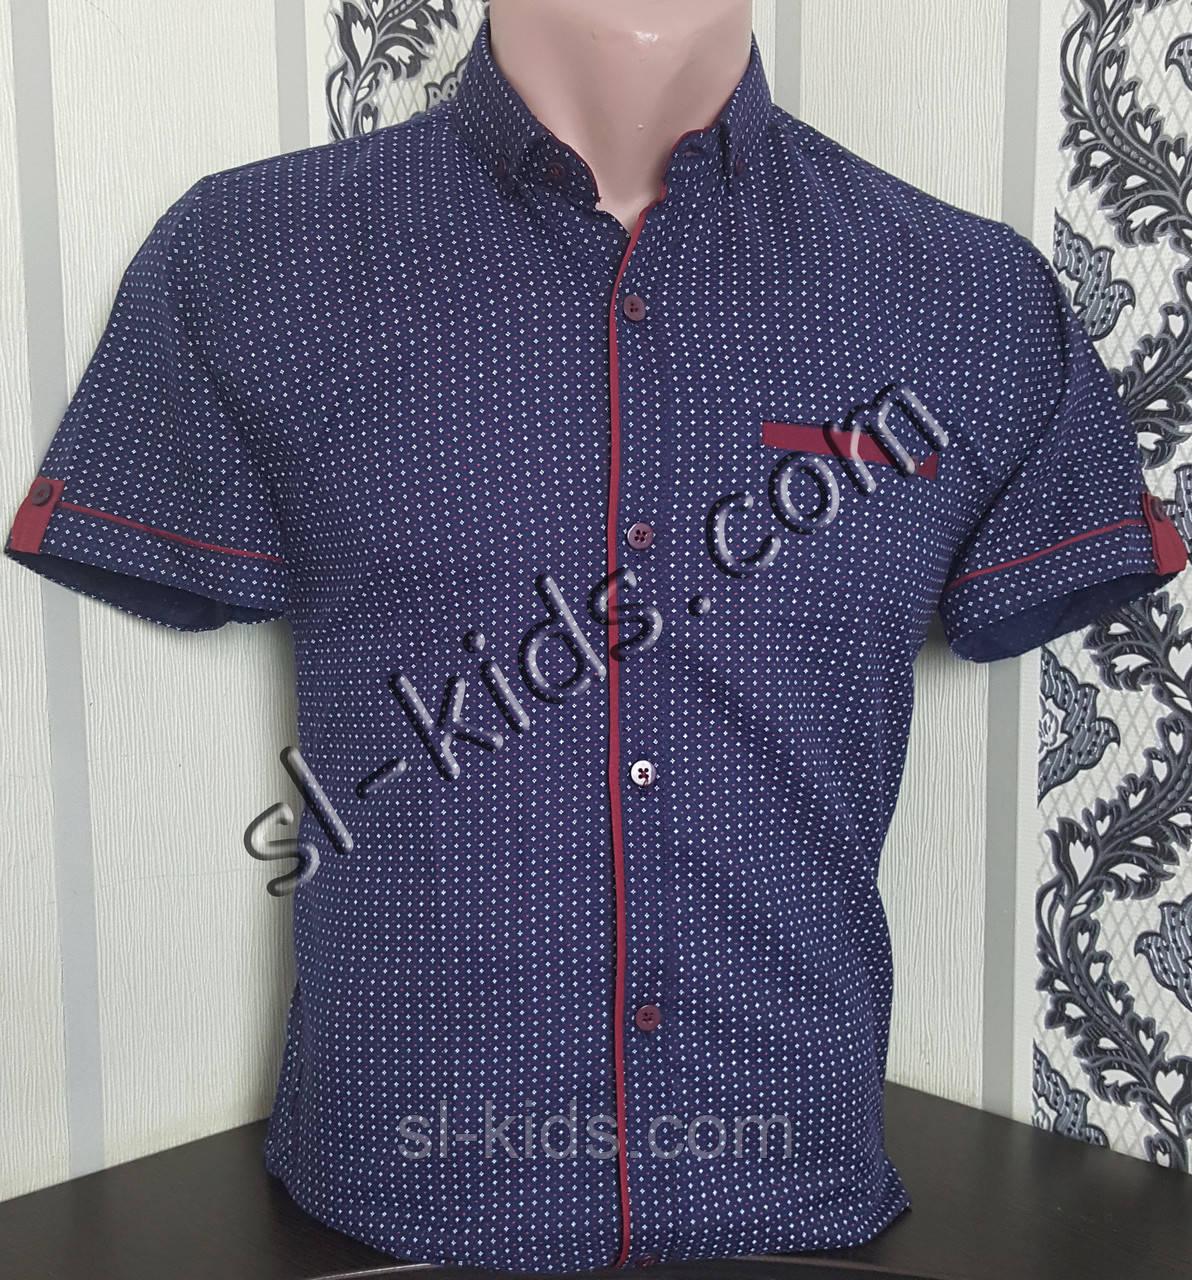 Стильная рубашка(шведка) для мальчика 6-11 лет(розн) (темно синяя) (пр. Турция)